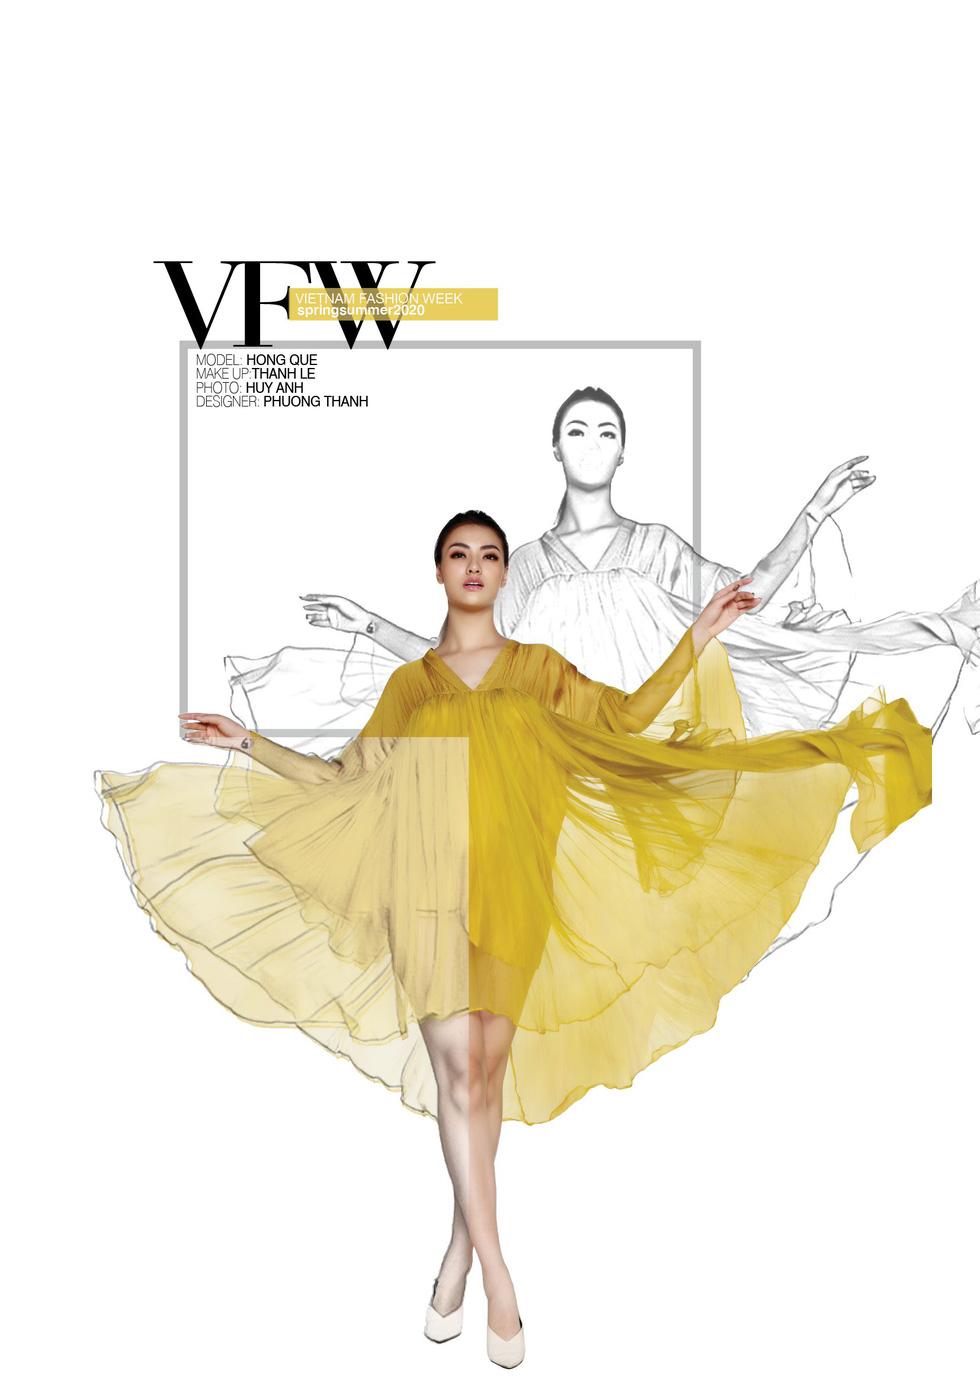 NTK Minh Hạnh: Sao phải đợi Louis Vuitton, ta mới thấy Việt Nam mình đẹp! - Ảnh 17.